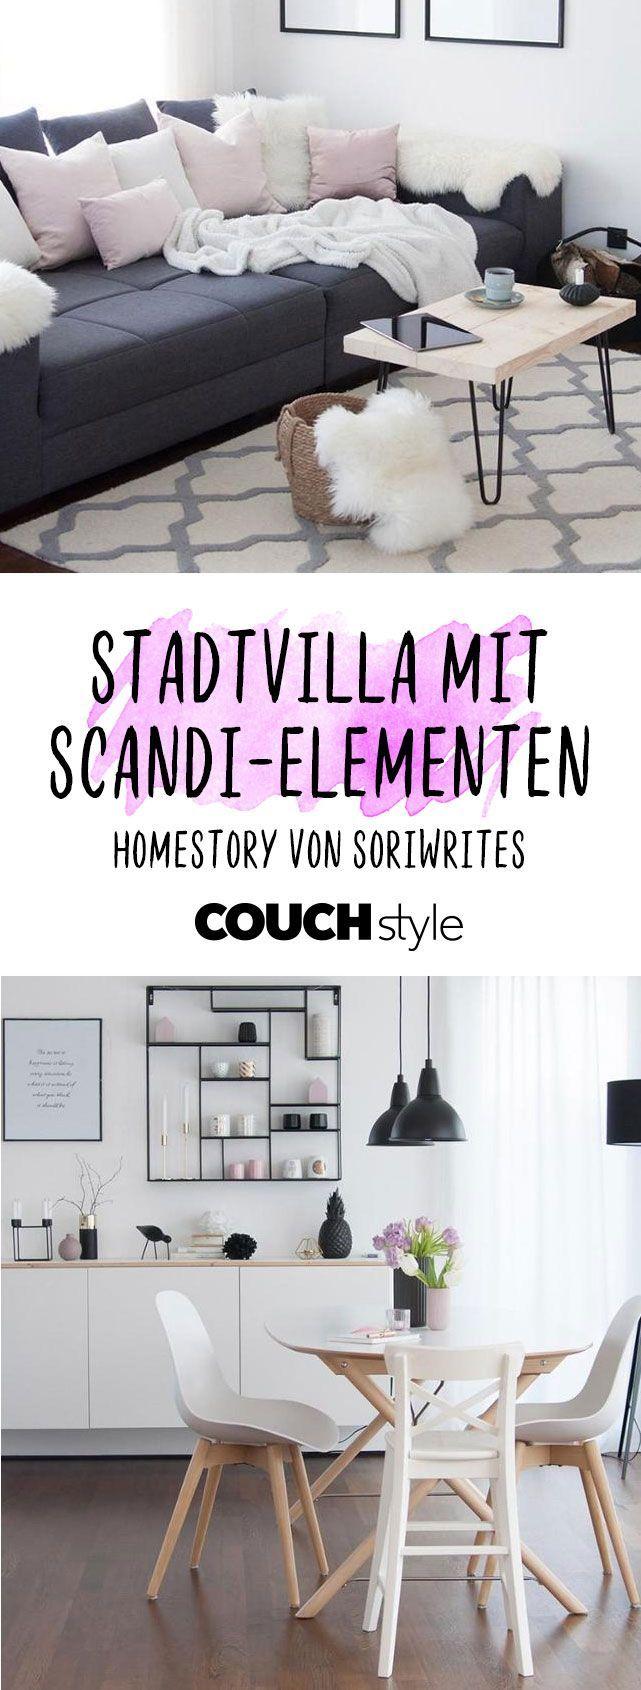 41 besten wohnzimmer Bilder auf Pinterest   Wohnzimmer ideen ...